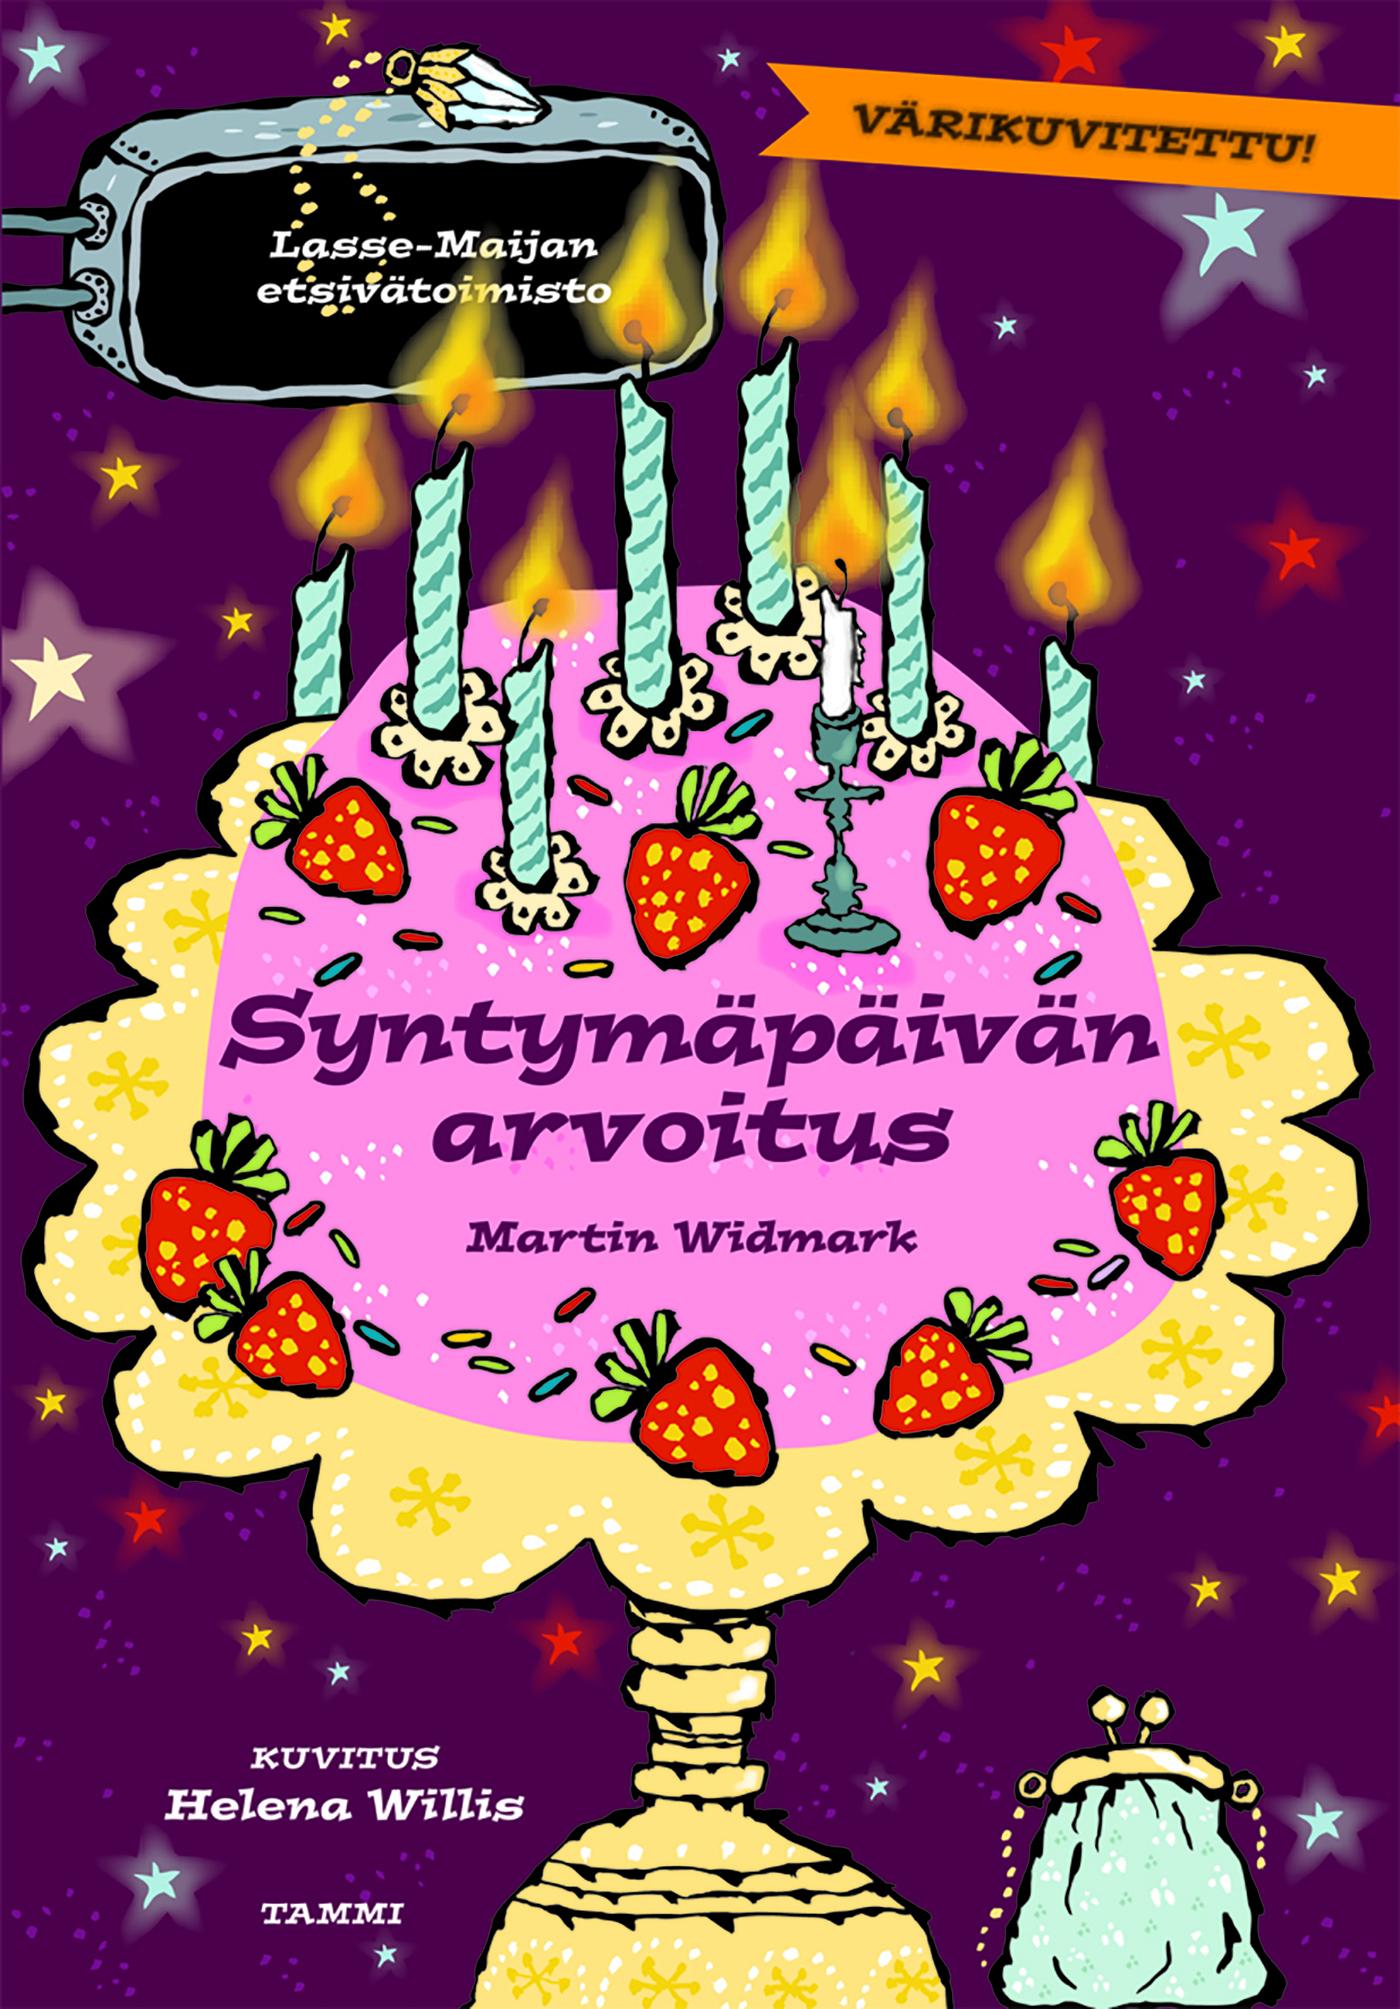 Widmark, Martin - Syntymäpäivän arvoitus: Lasse-Maijan etsivätoimisto, e-kirja